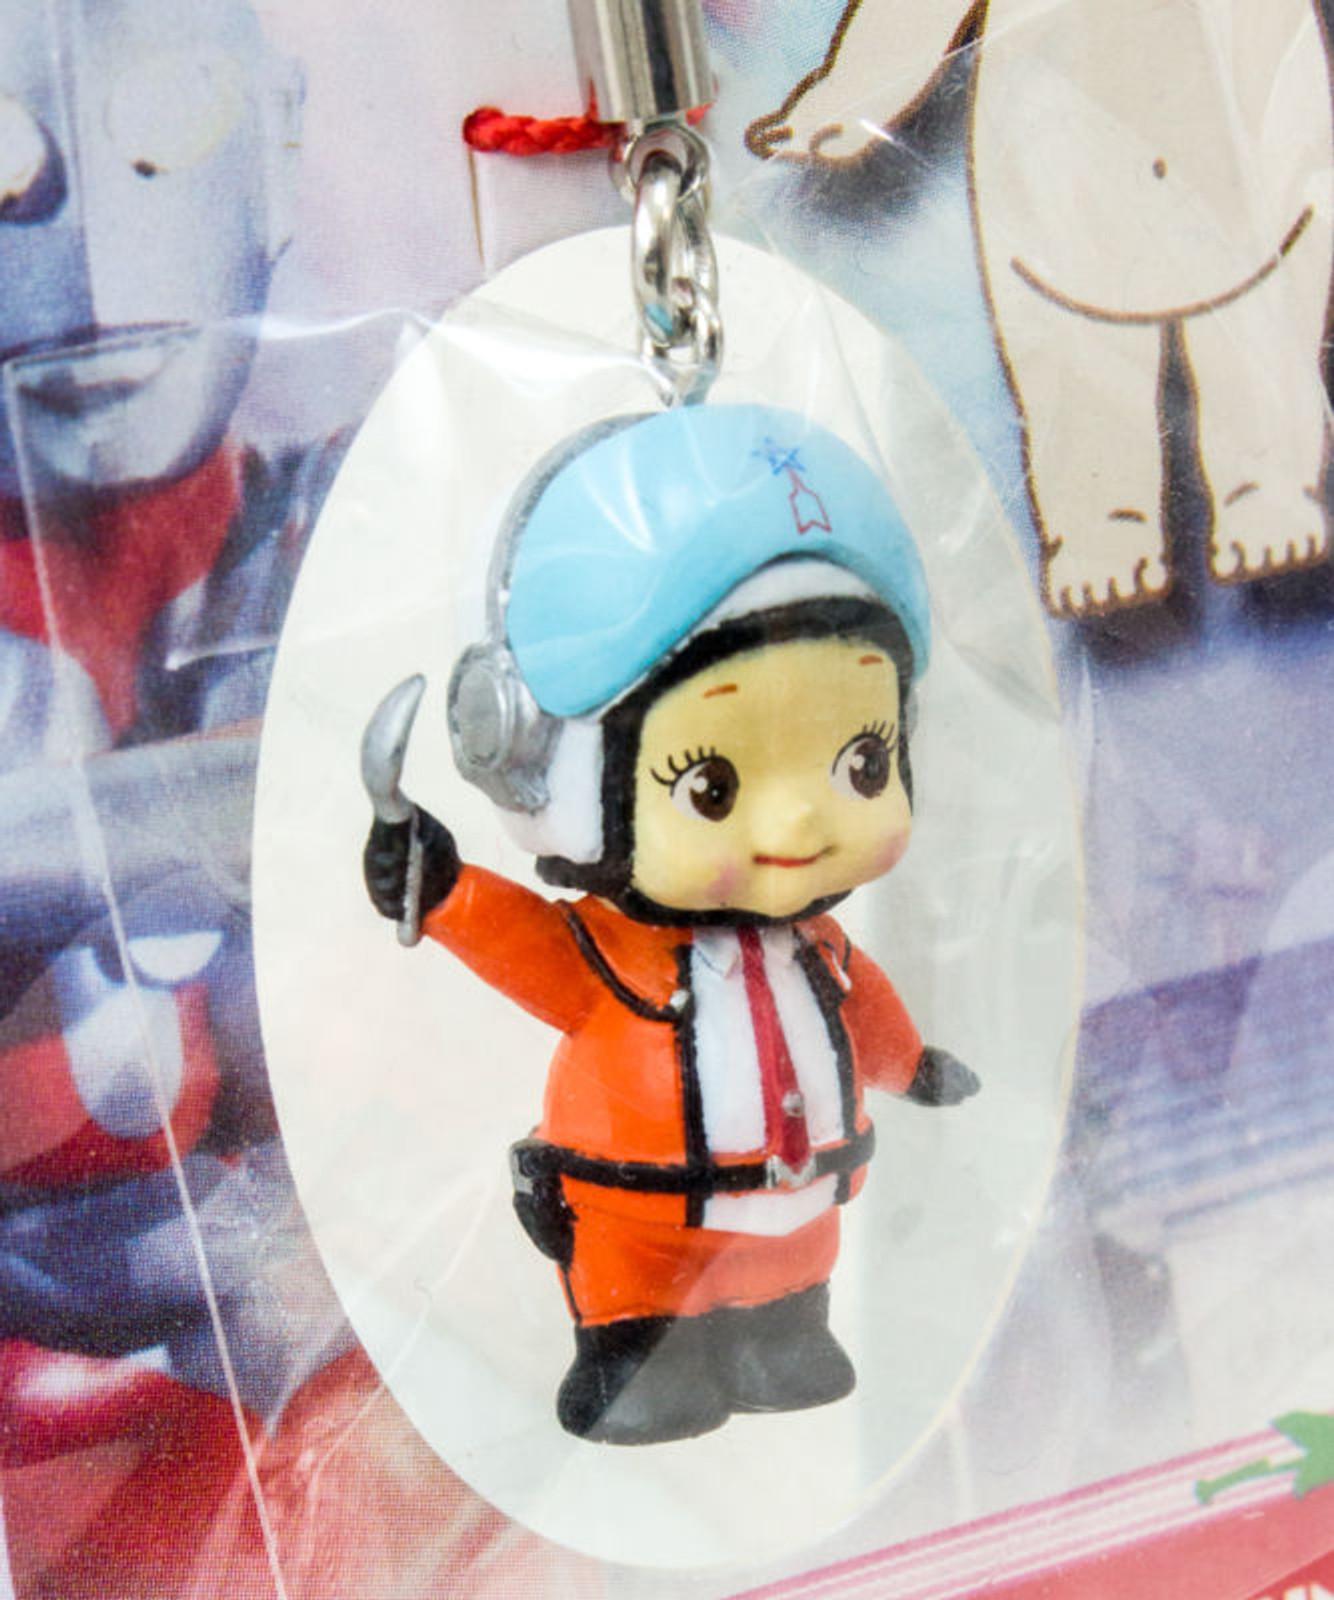 Ultraman Hayata Rose O'neill Kewpie Kewsion Figure Strap JAPAN ANIME